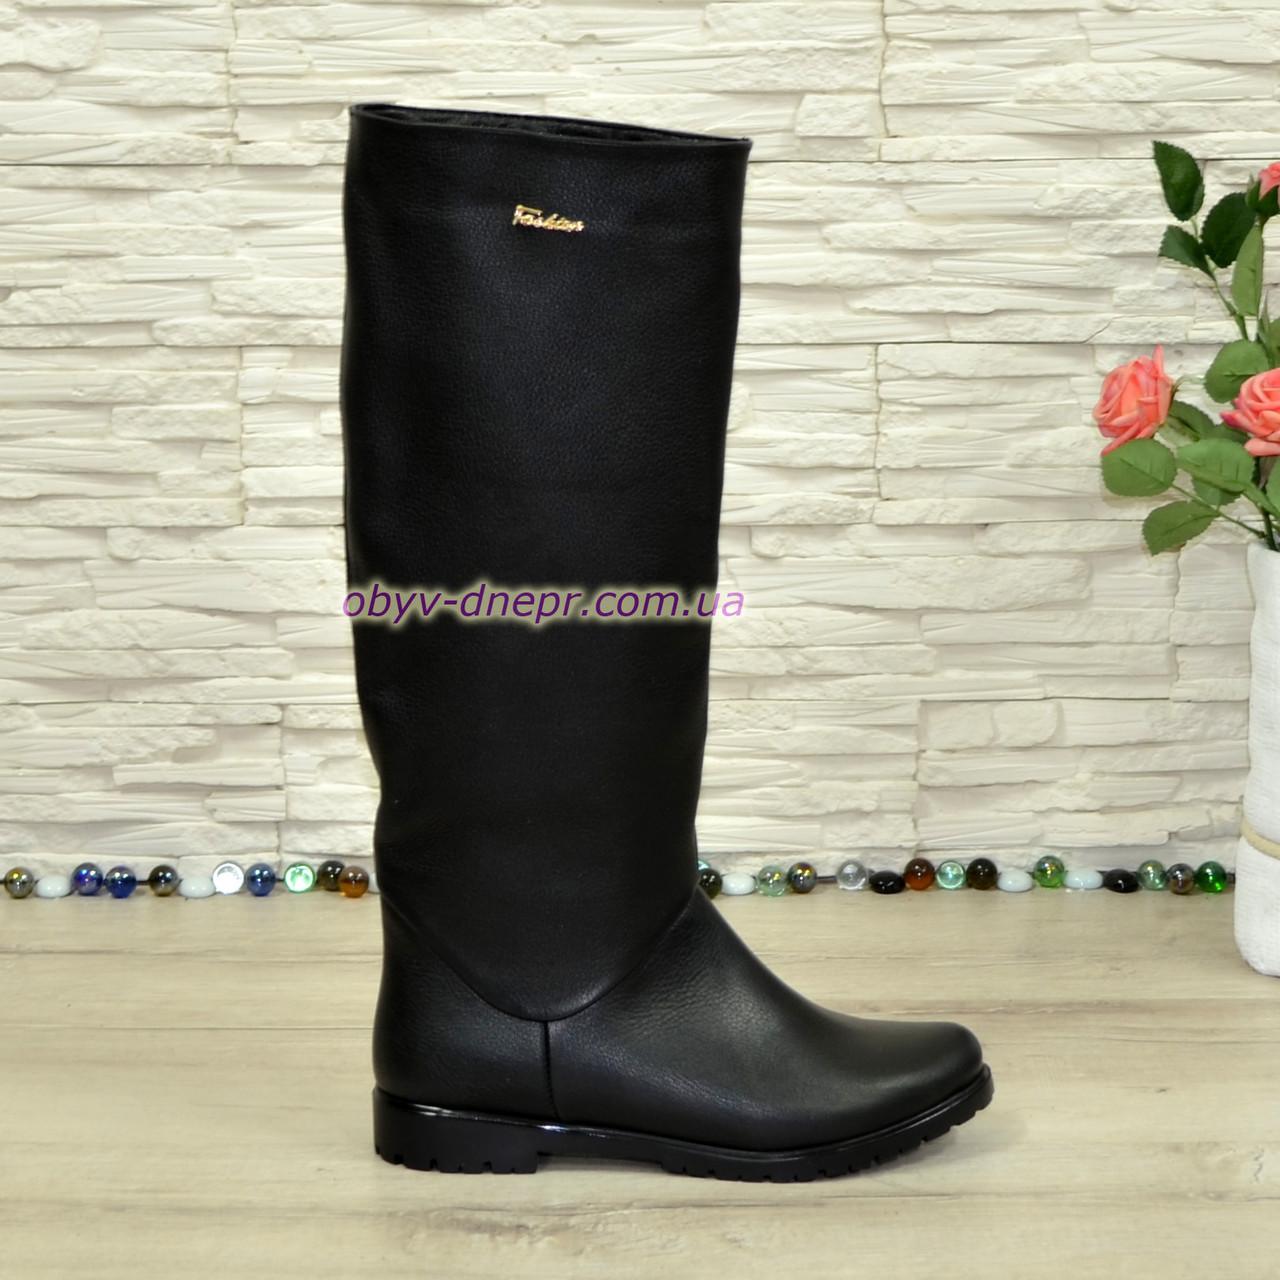 Сапоги-трубы женские кожаные черного цвета